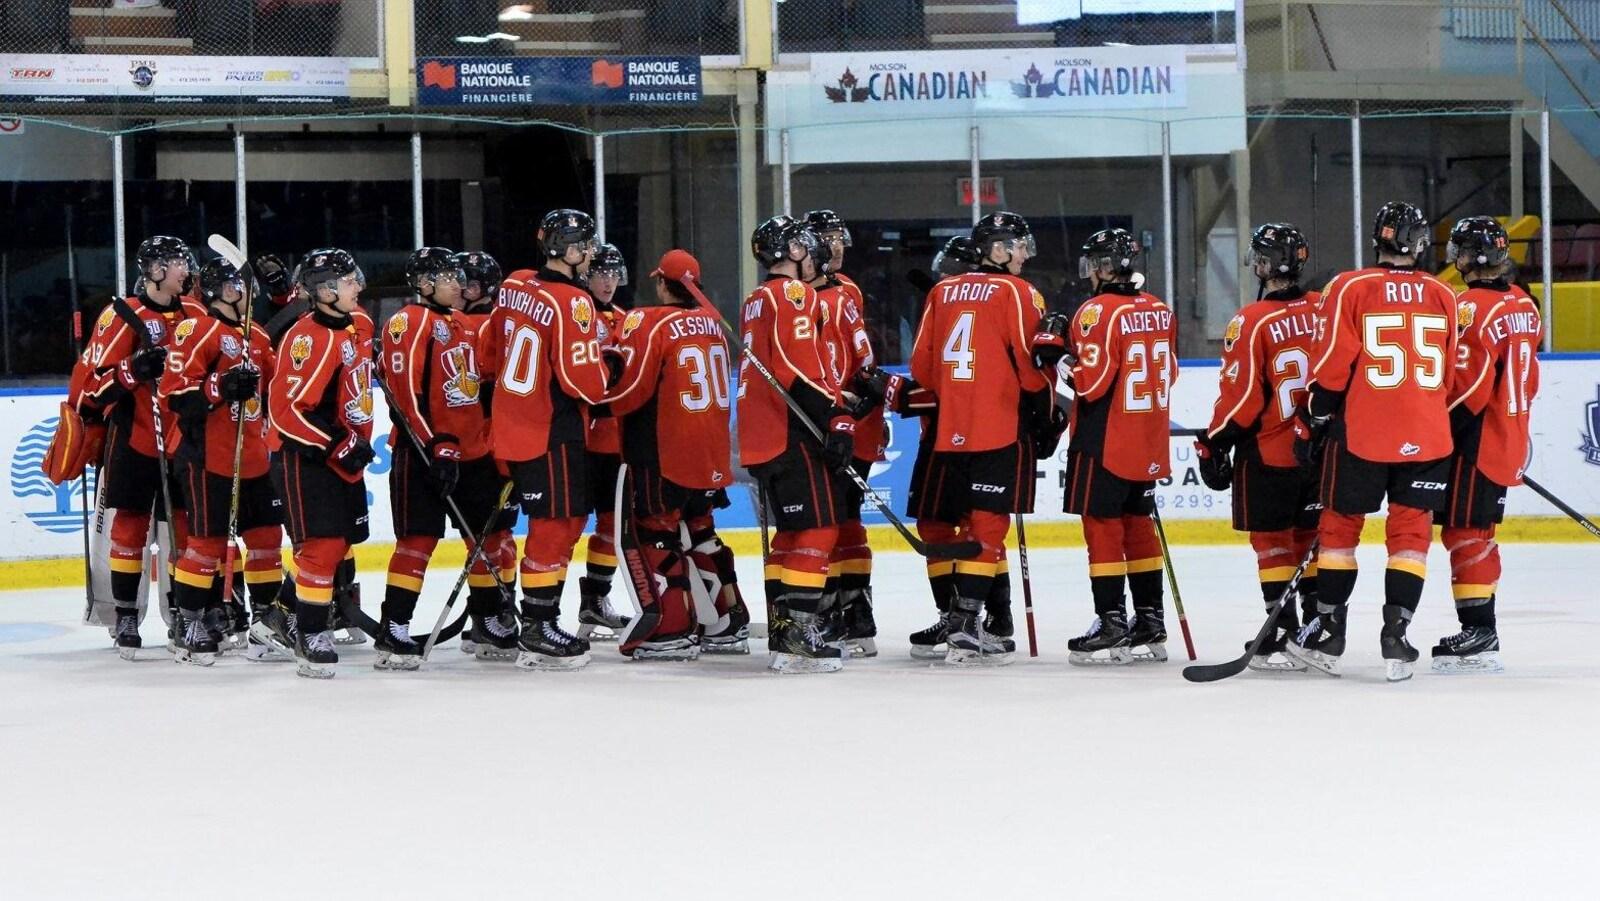 L'équipe du Drakkar sur la patinoire.